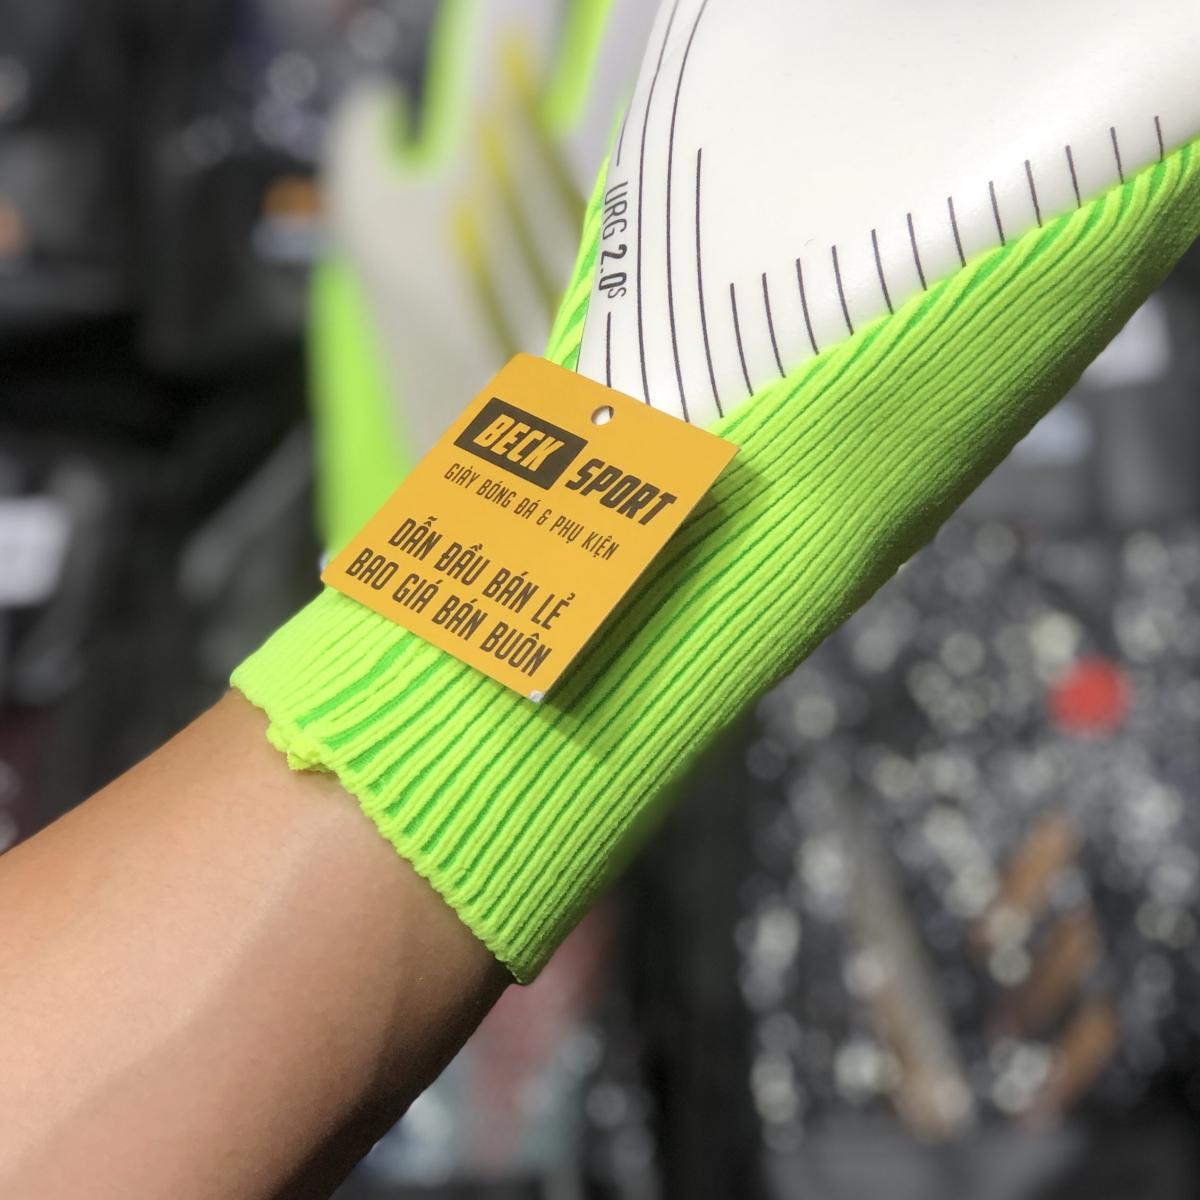 Găng Tay Adidas X Pro Trắng Vạch Nõn Chuối HQ (Không Xương)